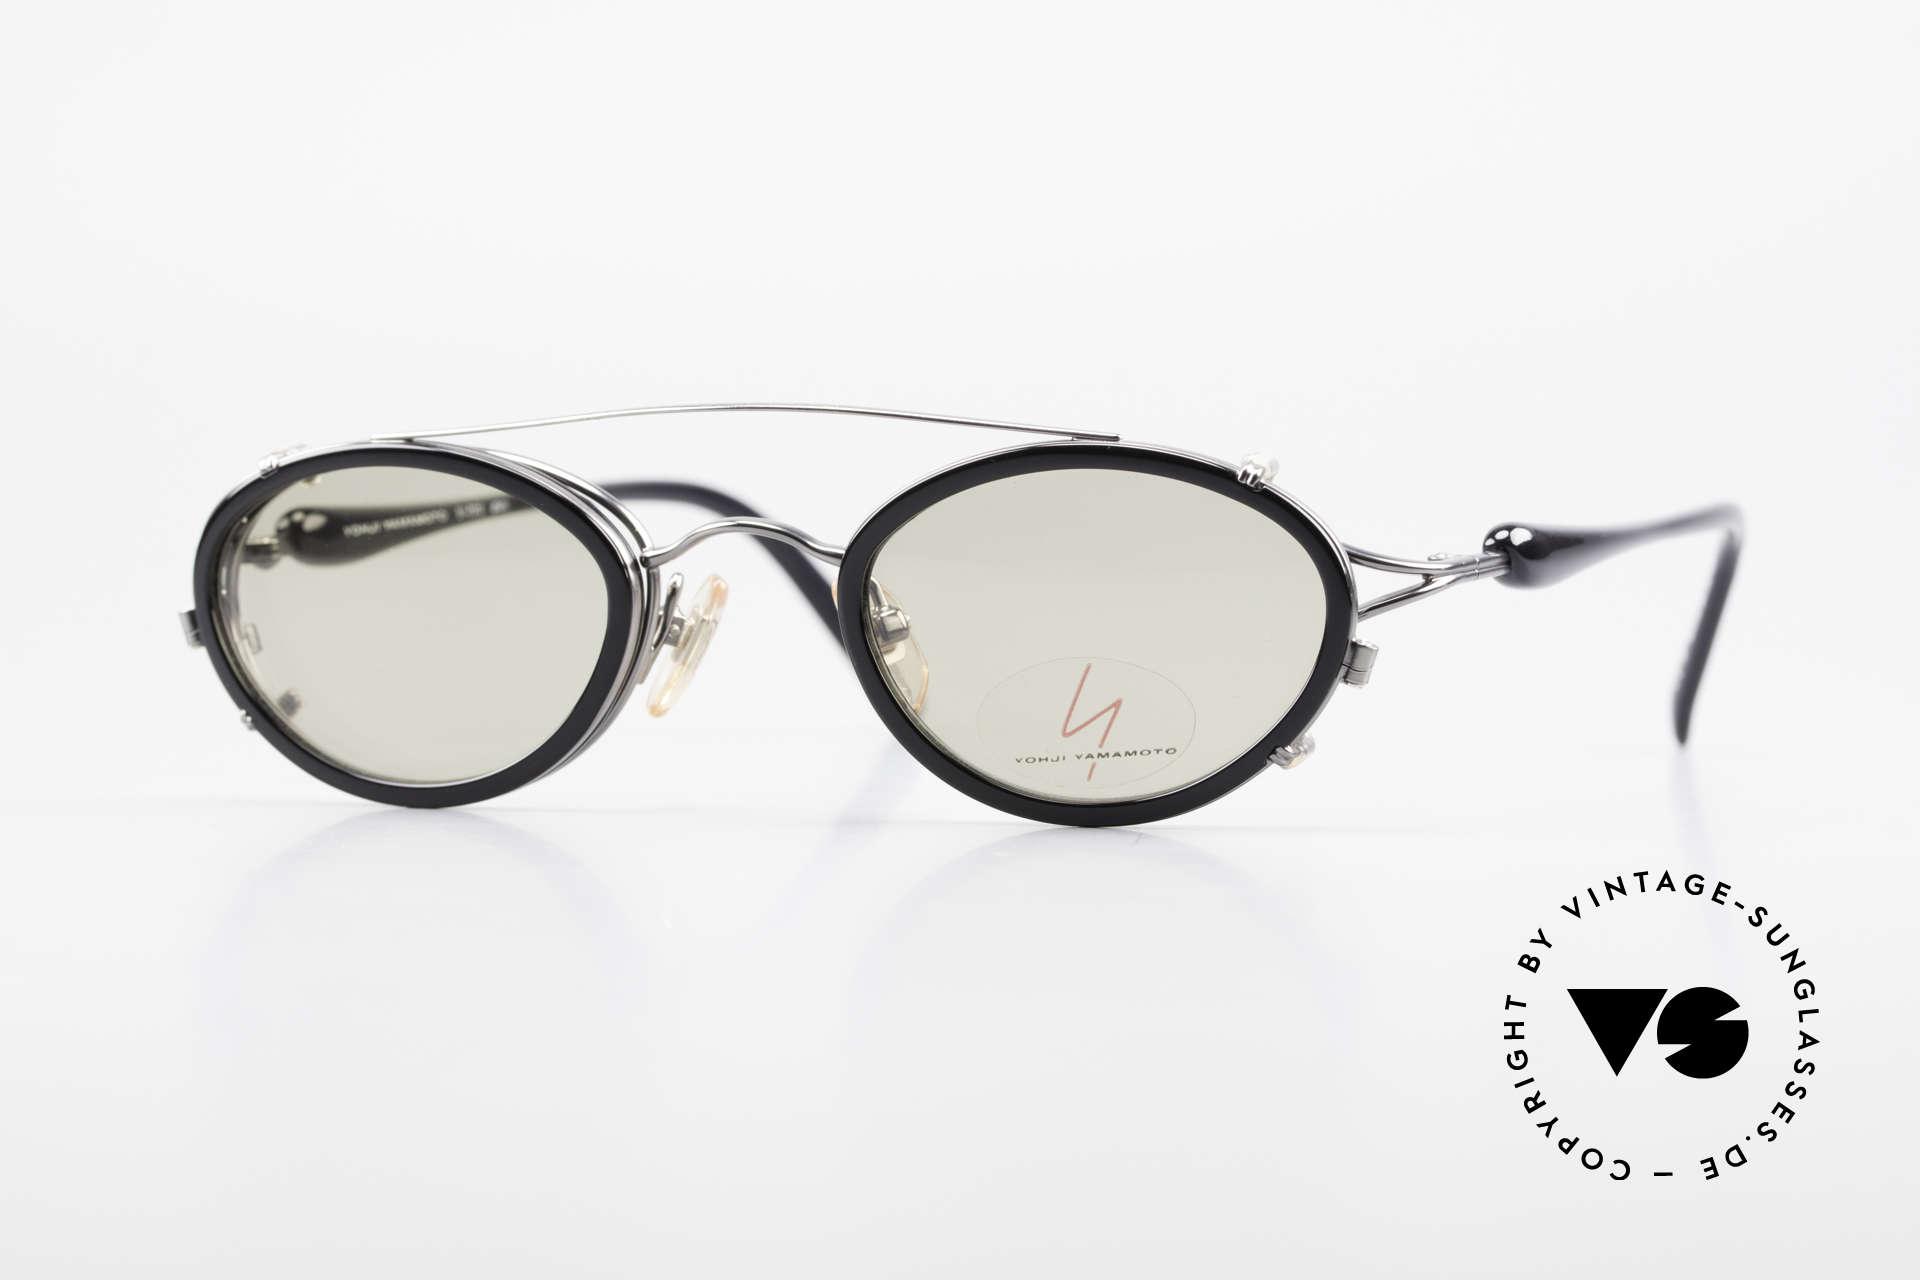 Yohji Yamamoto 51-7210 No Retro Brille Clip-On 90er, 90er Jahre vintage Sonnenbrille von Yohji Yamamoto, Passend für Herren und Damen